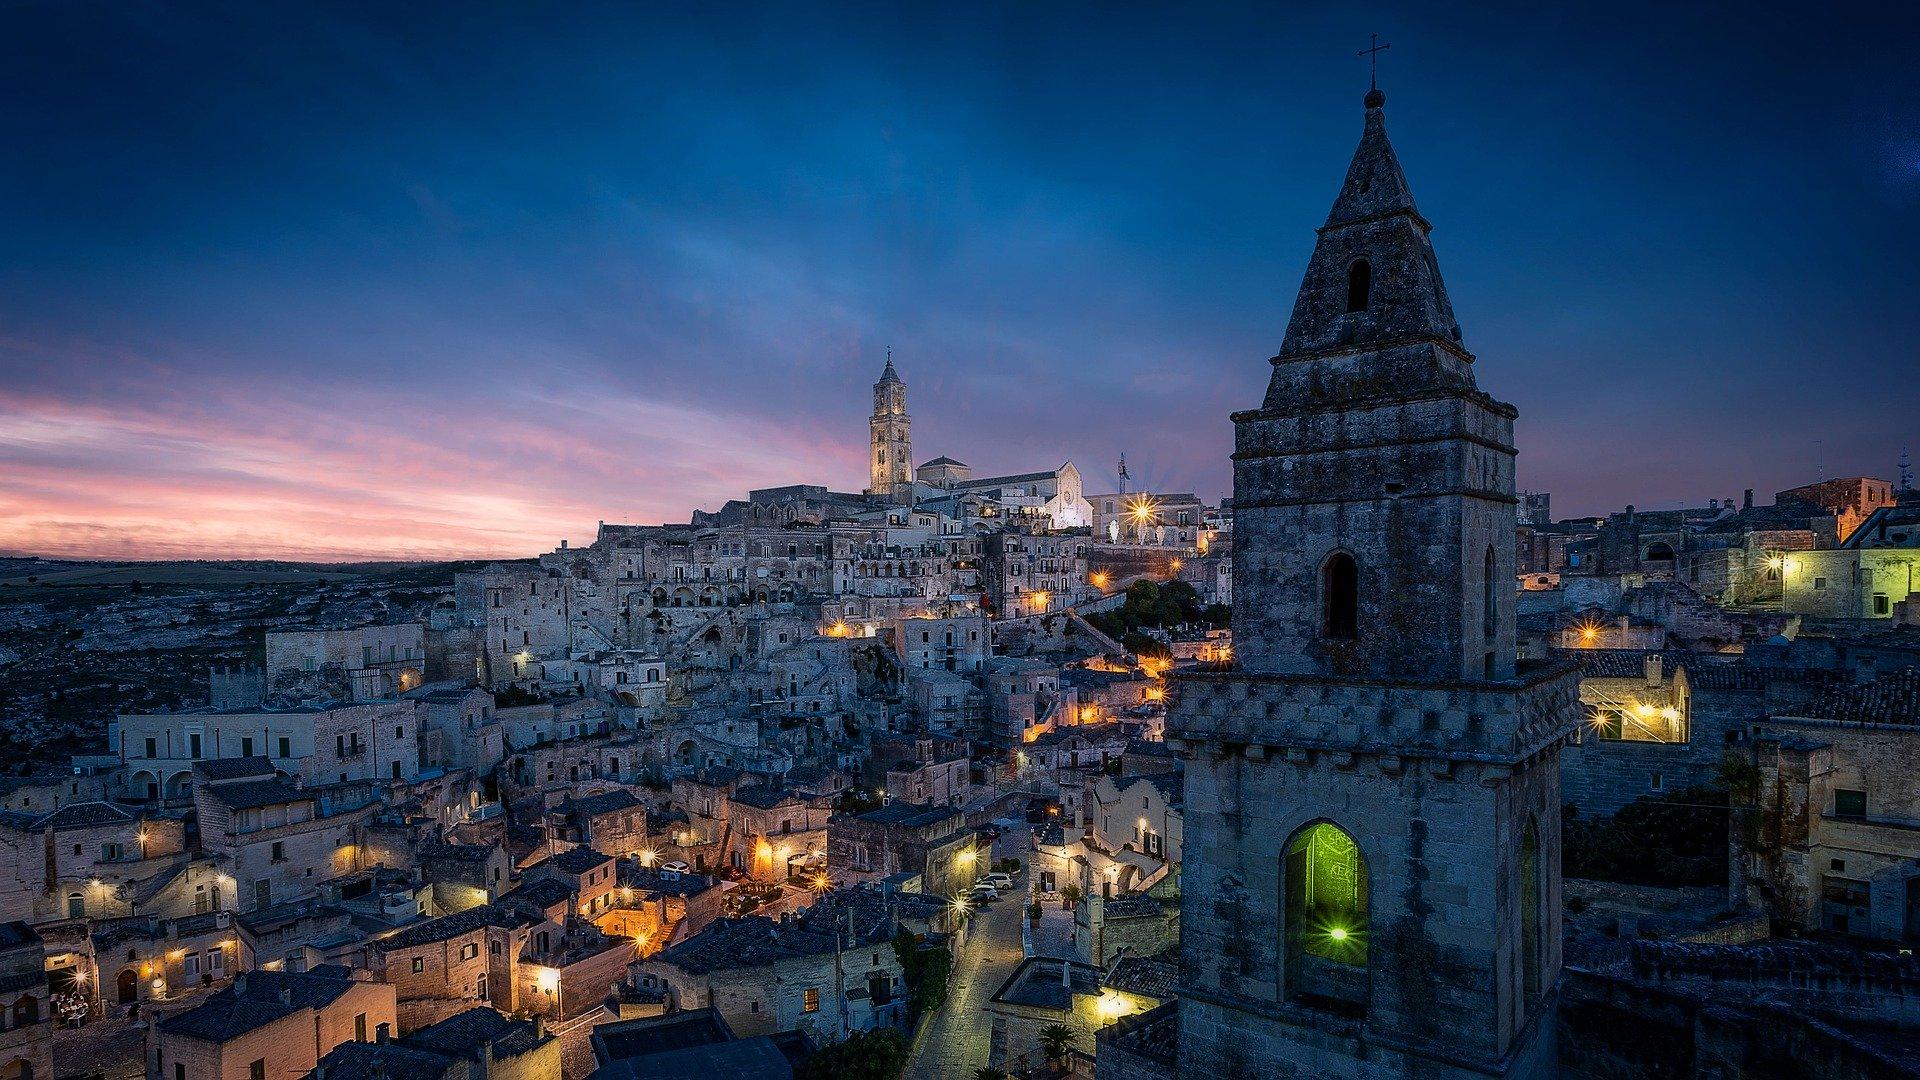 Vacanze Marine - Vacanze al mare Basilicata Matera